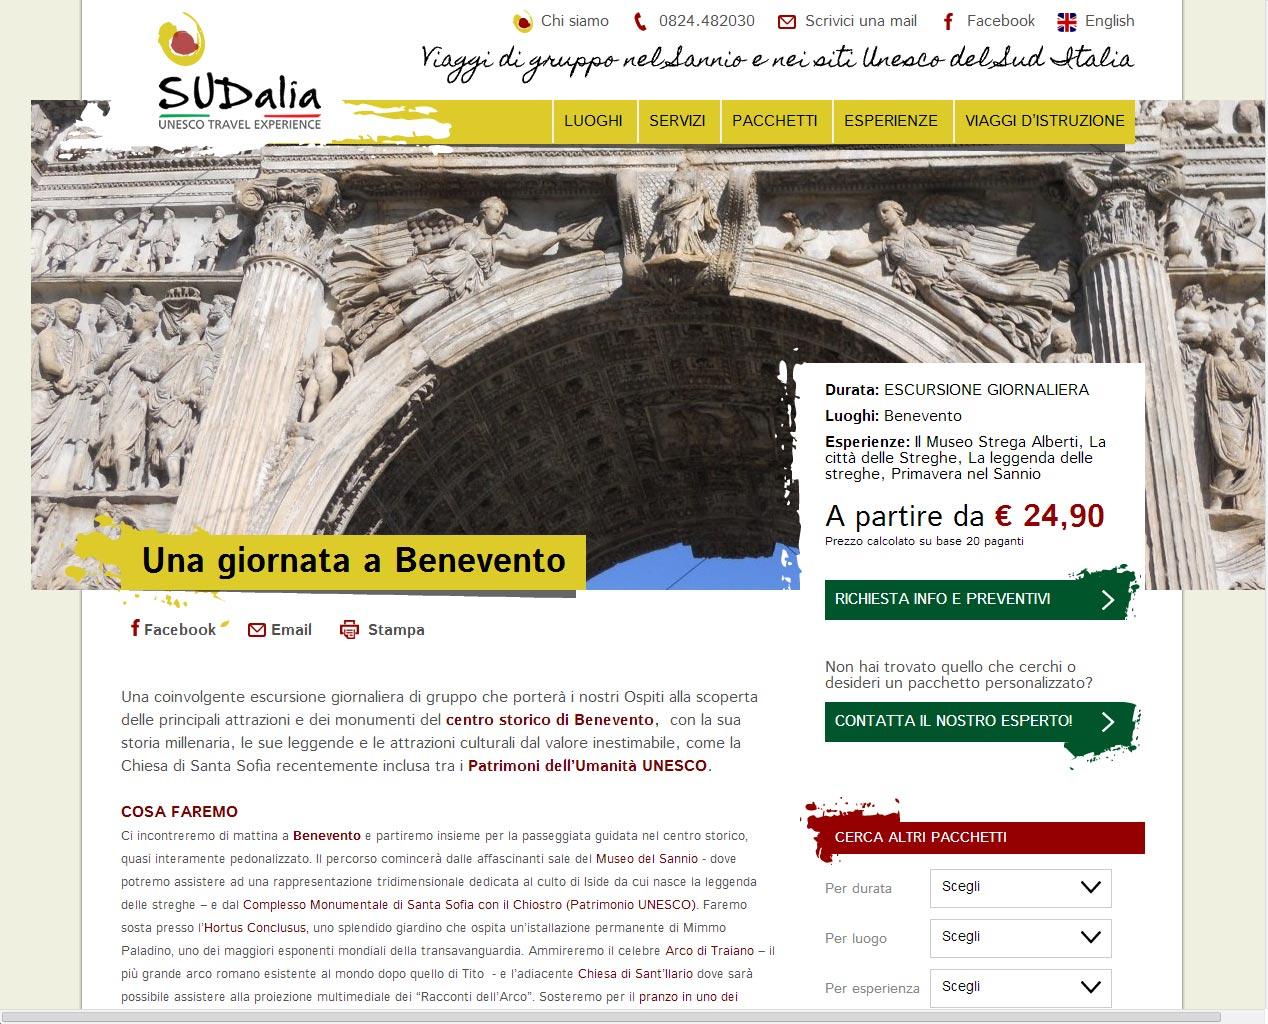 SUDalia